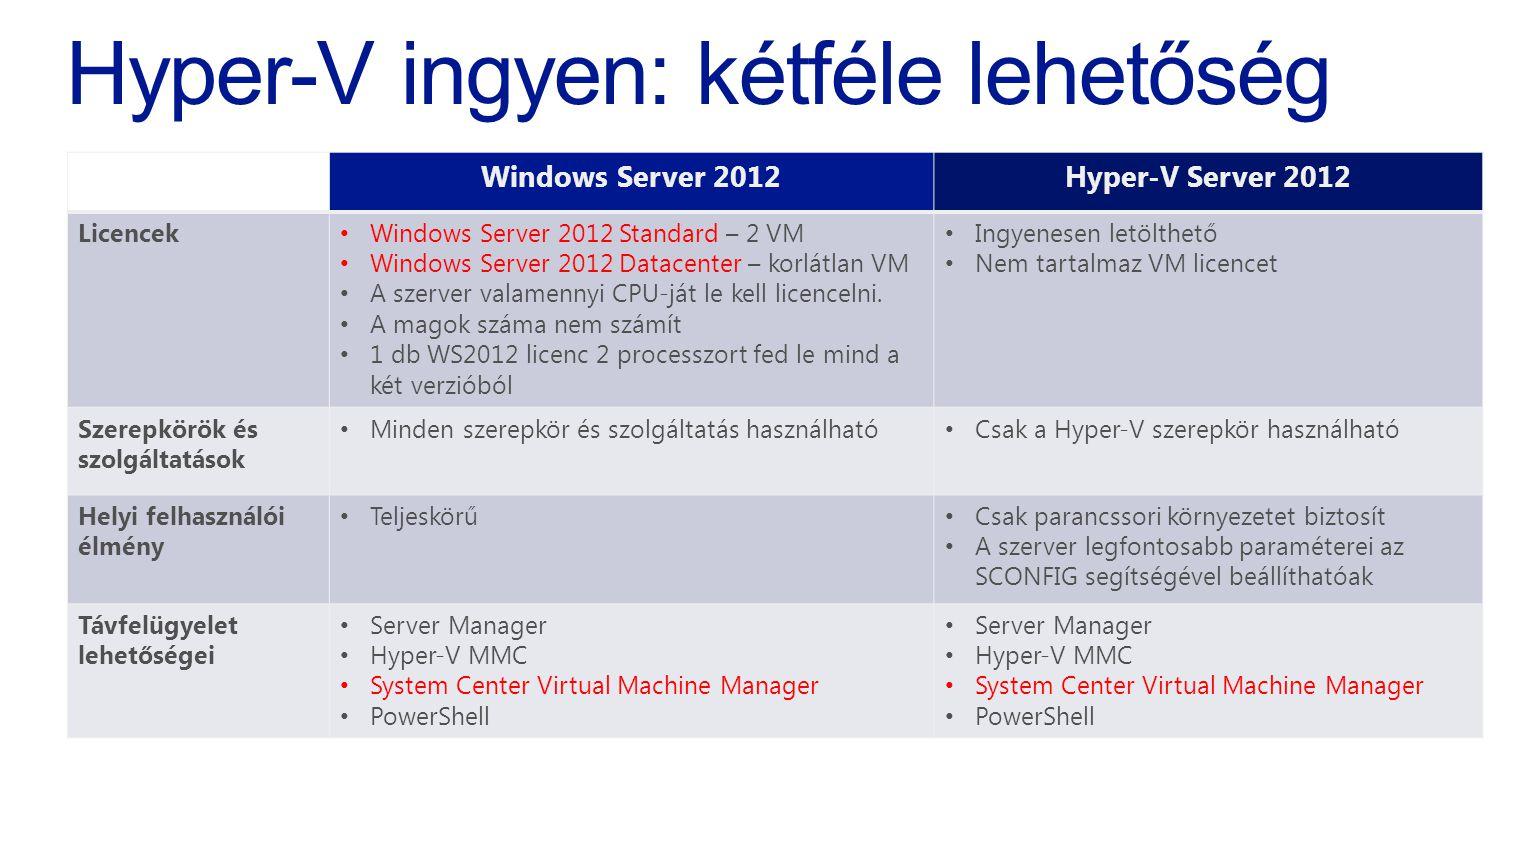 Hyper-V ingyen: kétféle lehetőség